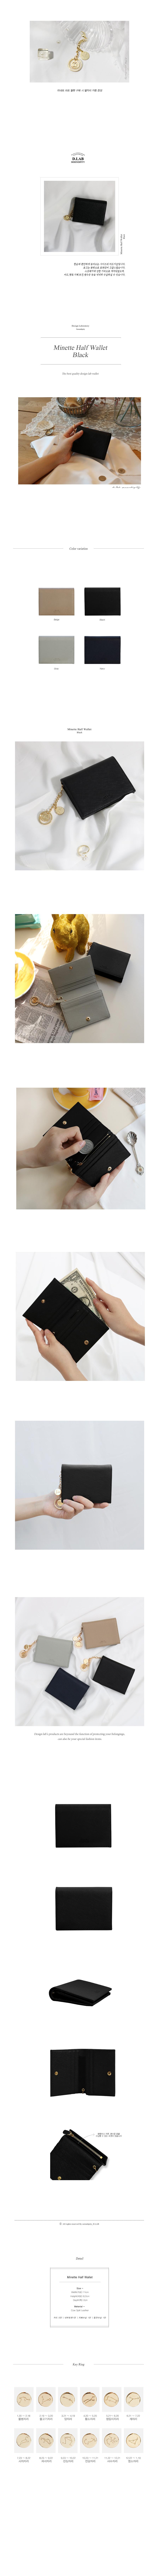 디랩(D.LAB) D.LAB Minette Half Wallet - Black + 별자리키링 증정 반지갑